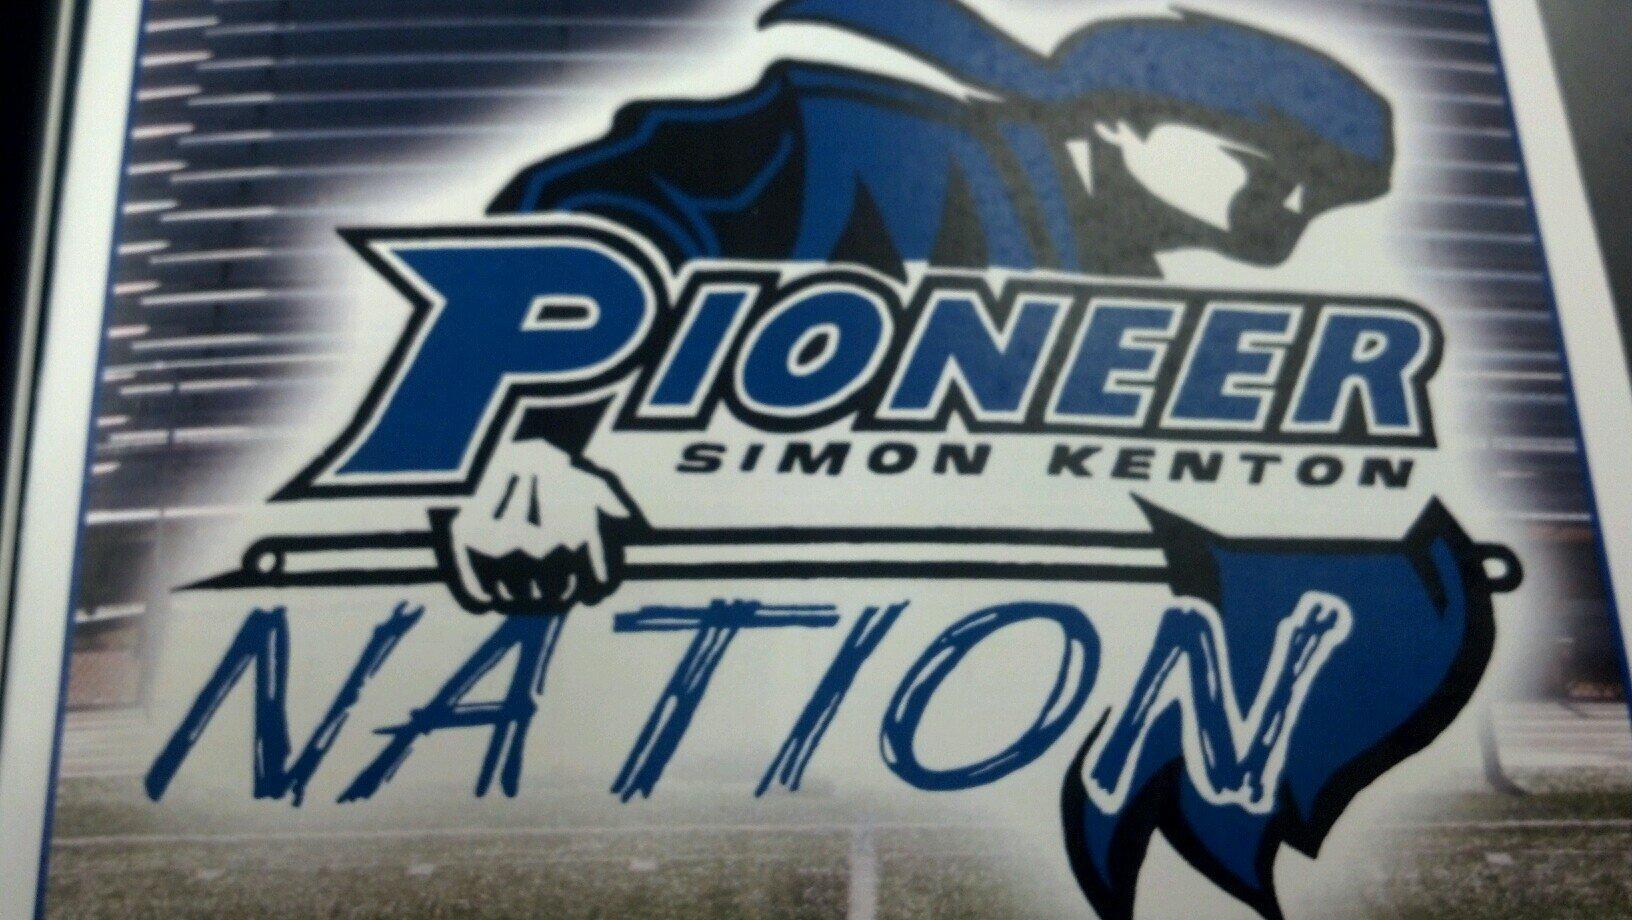 Kenton High Simon Band School